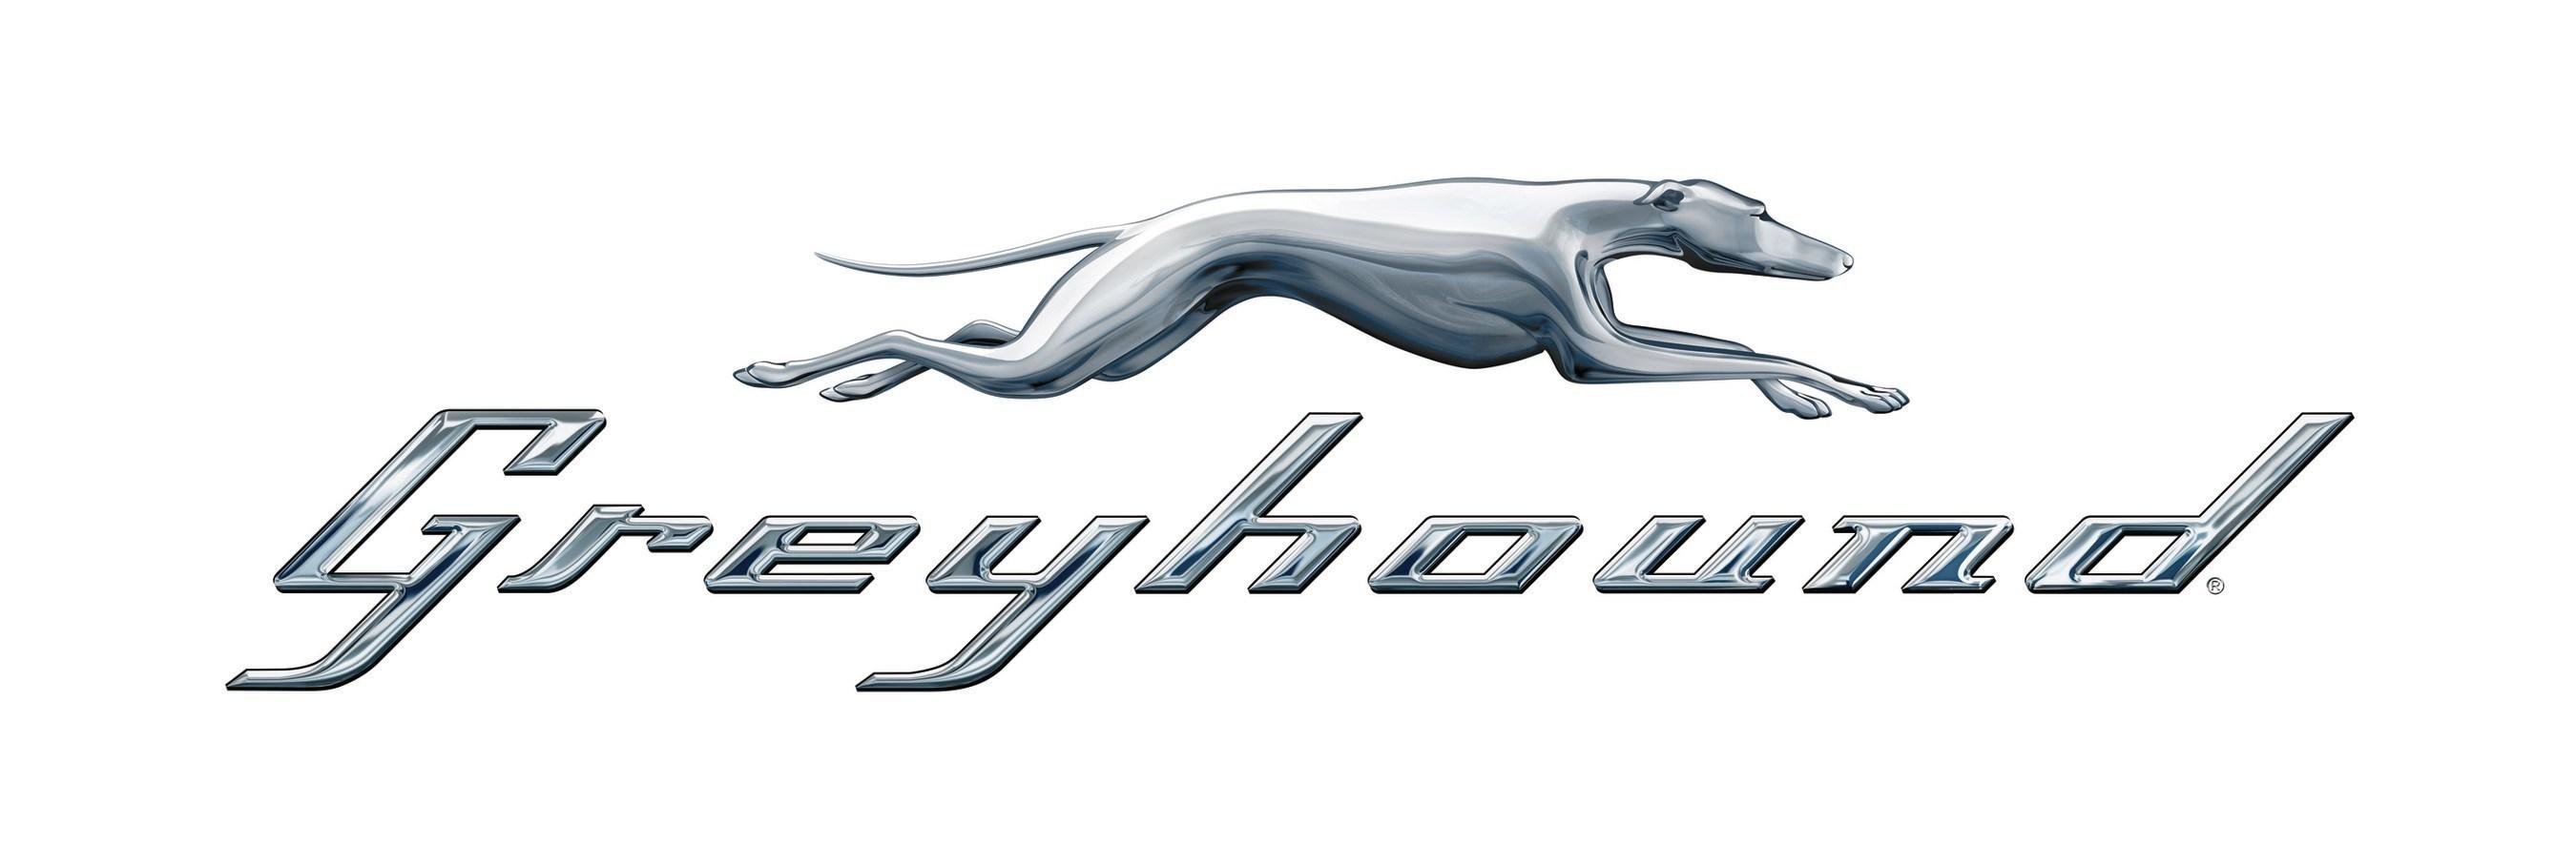 Greyhound lanza histórico servicio de transporte en México